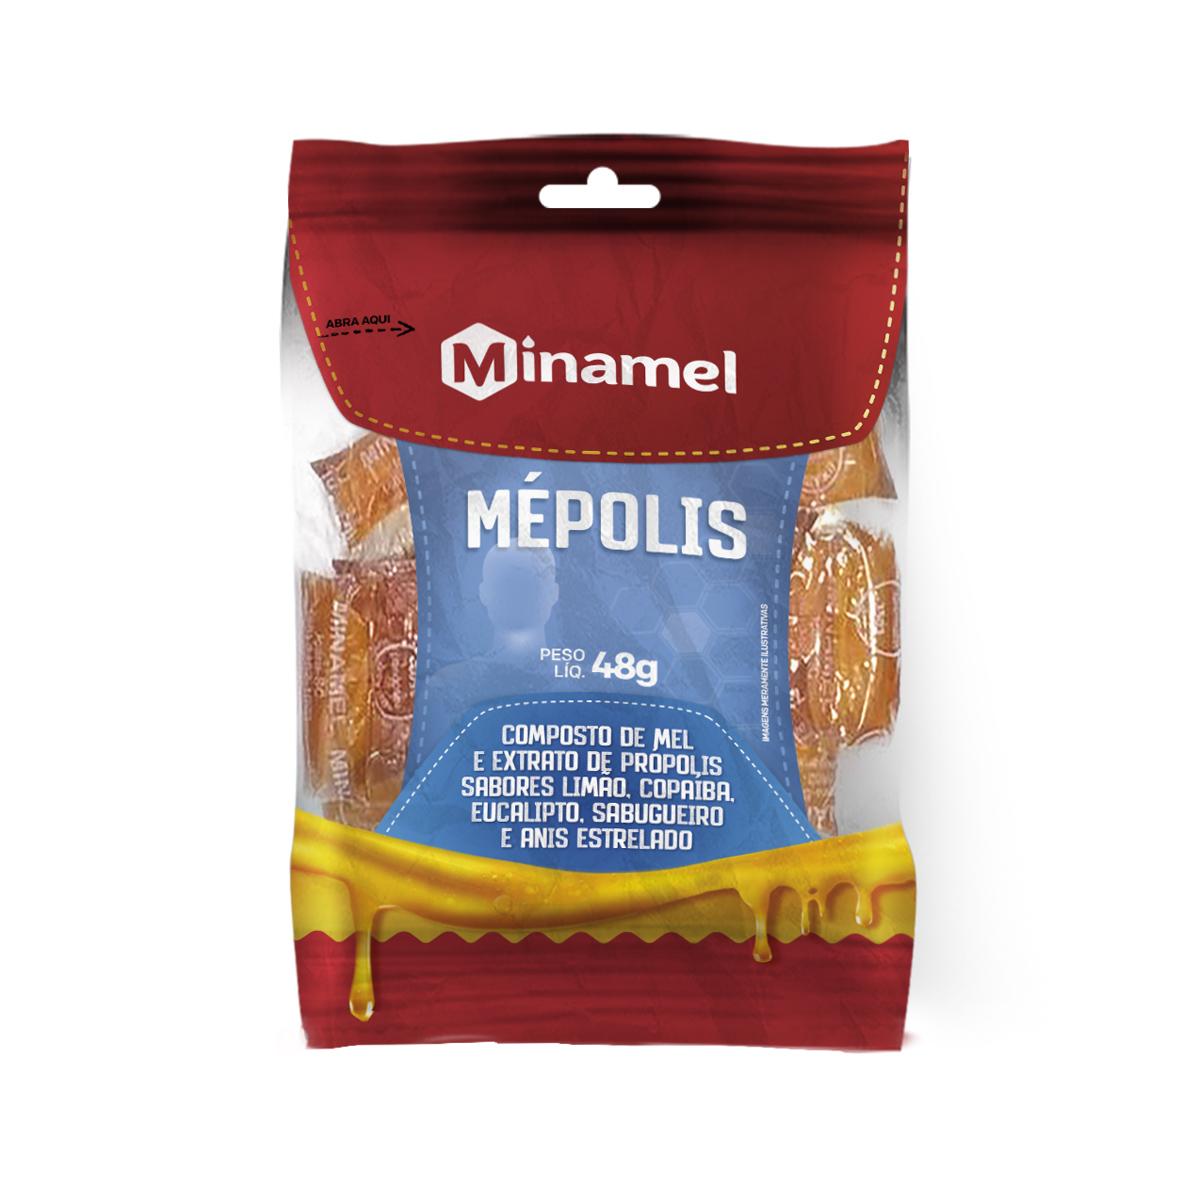 Composto de Mel e Extrato de Própolis Mépolis 48g - Minamel